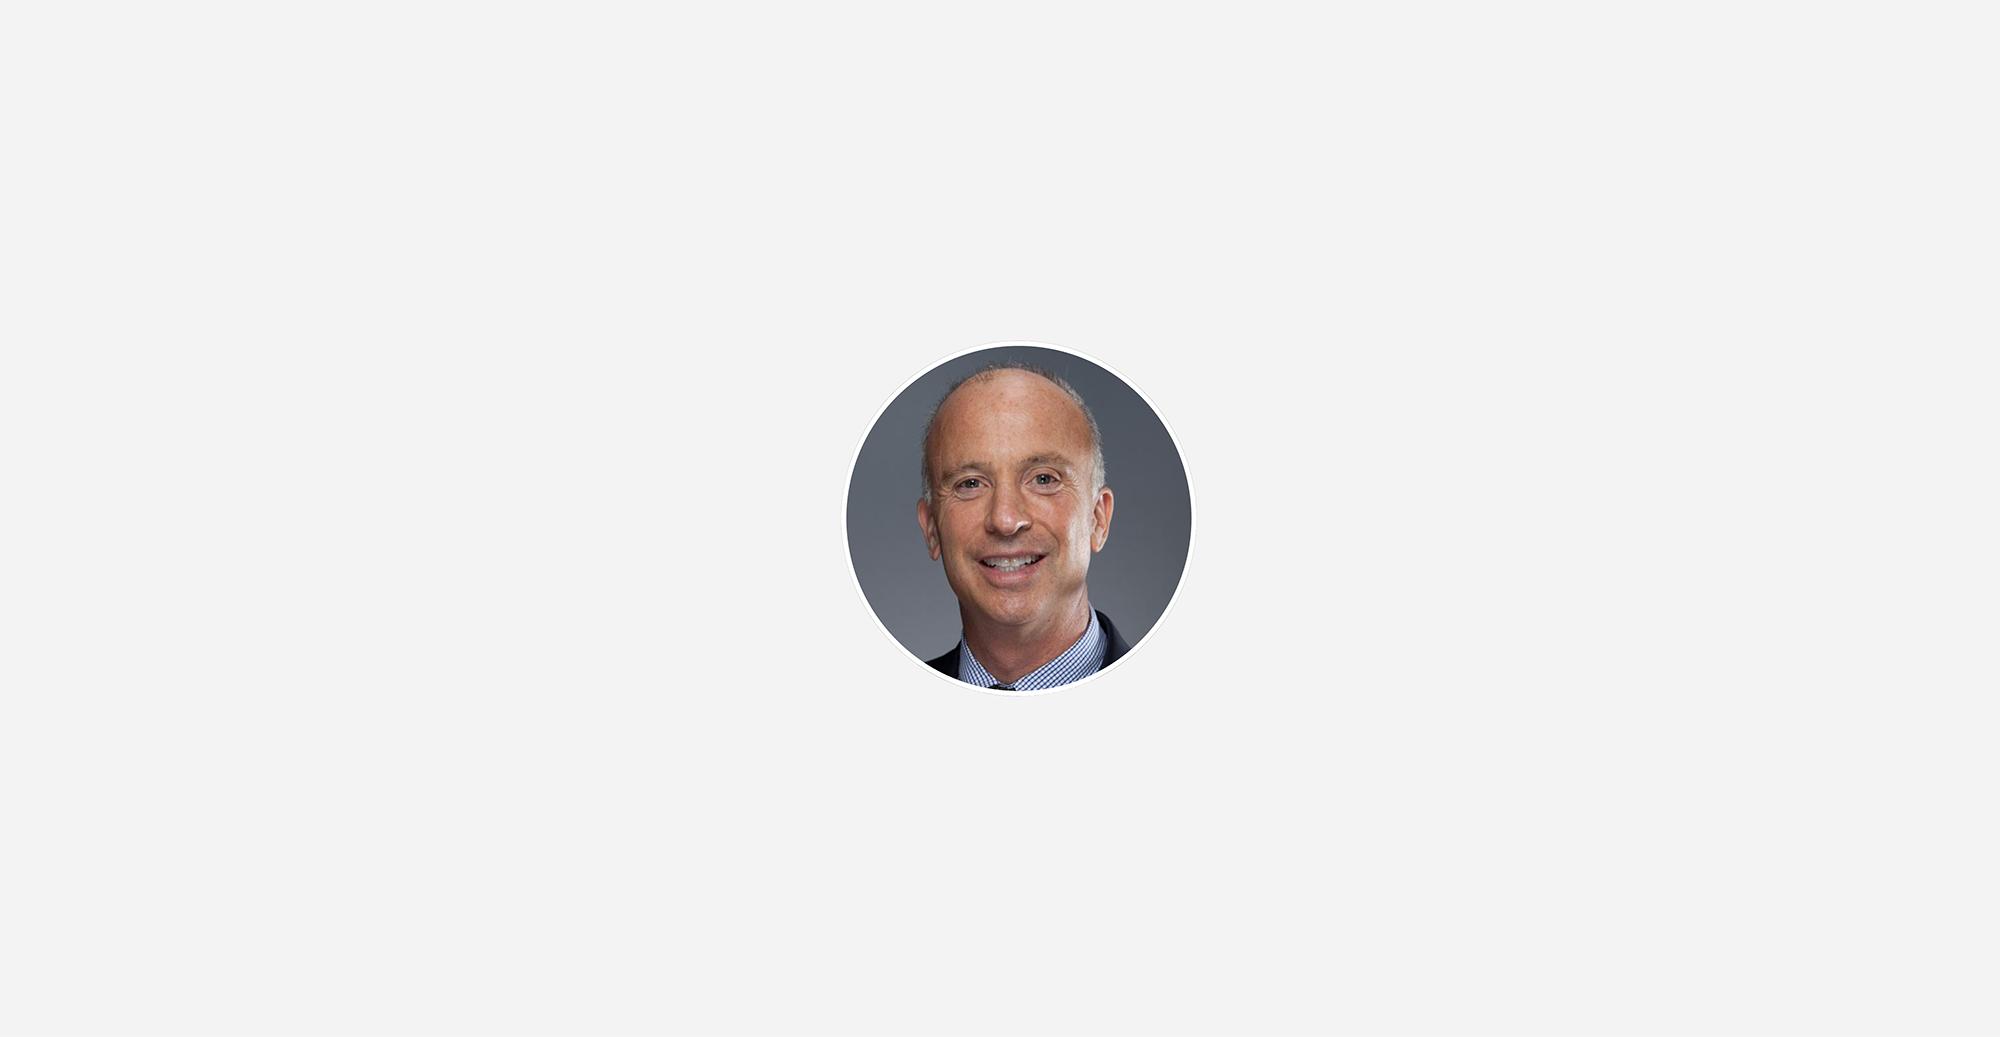 Webinar with Dr. Jason Bacharach